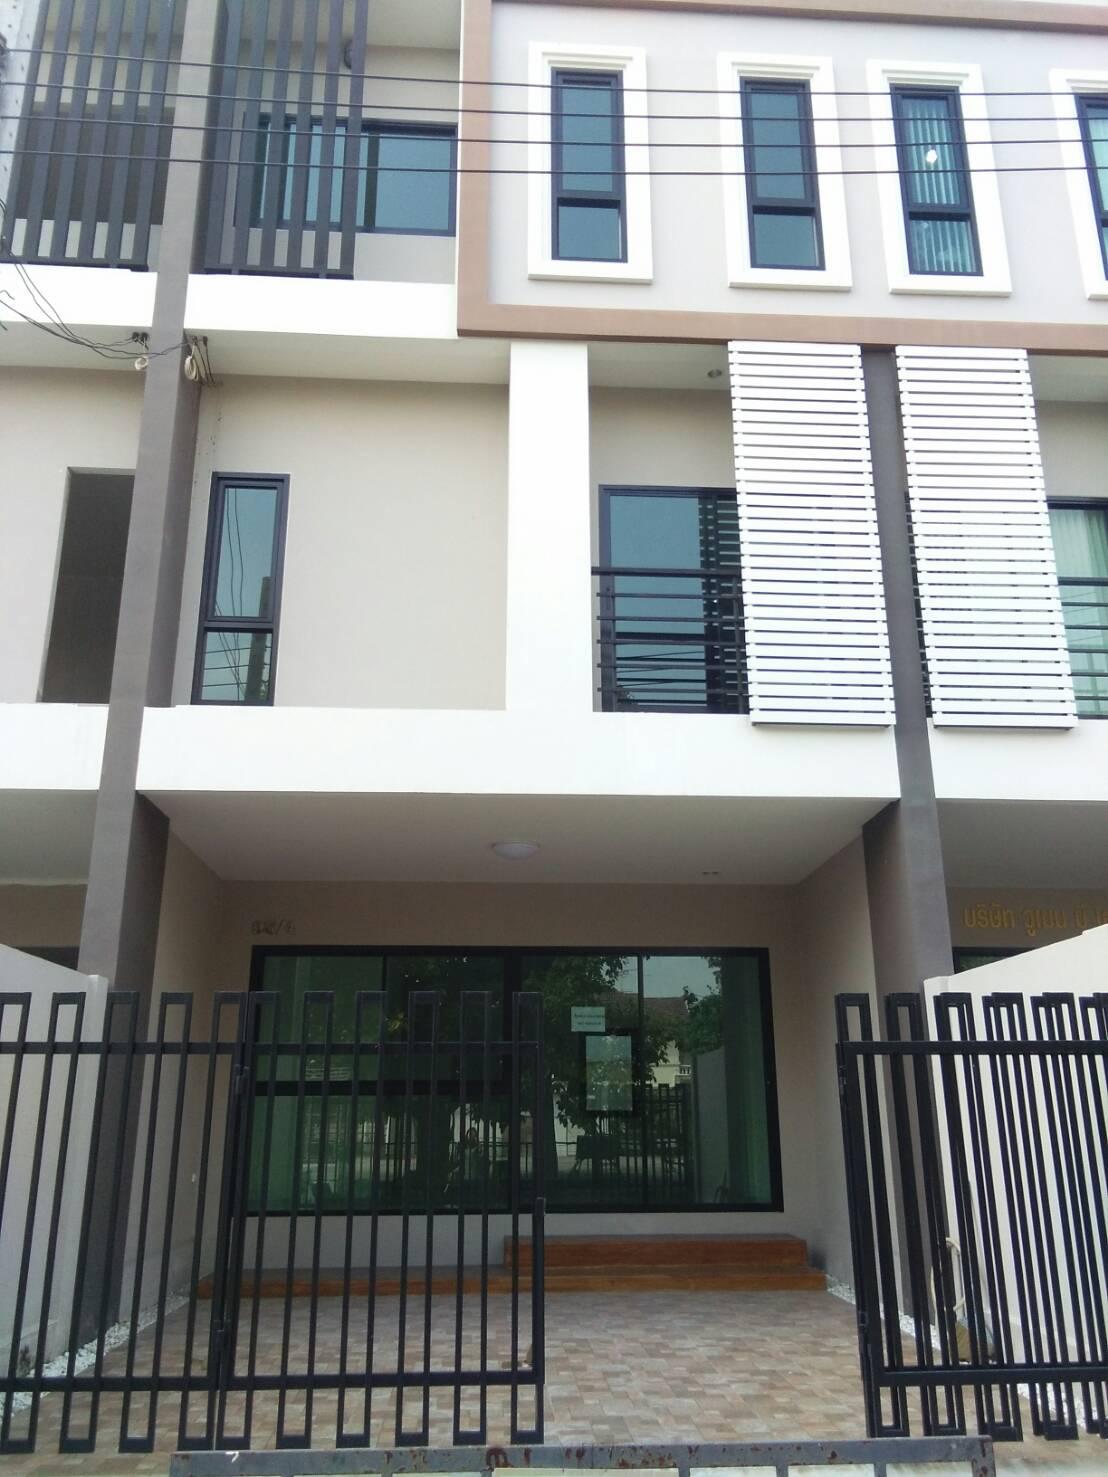 ขายทาวน์โฮม 3 ชั้น (บ้านสร้างใหม่)